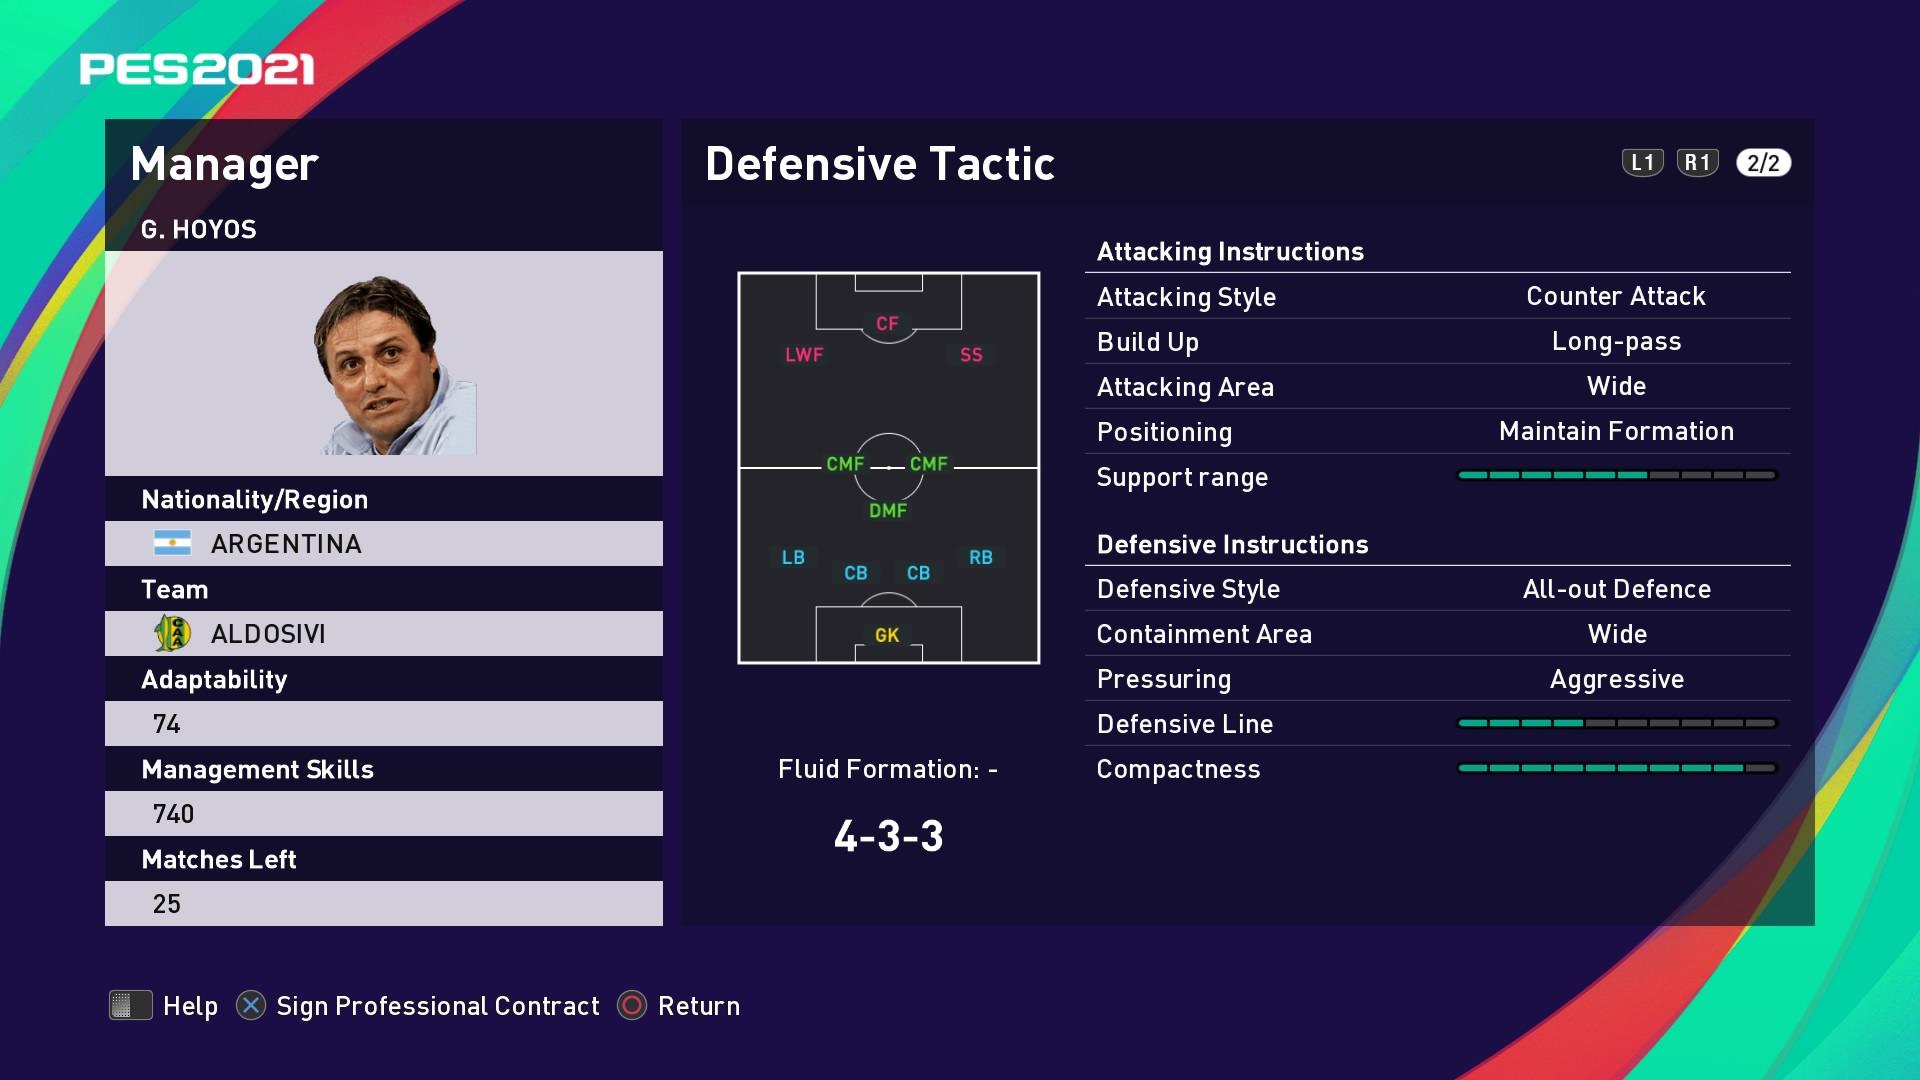 G. Hoyos (Guillermo Hoyos) Defensive Tactic in PES 2021 myClub